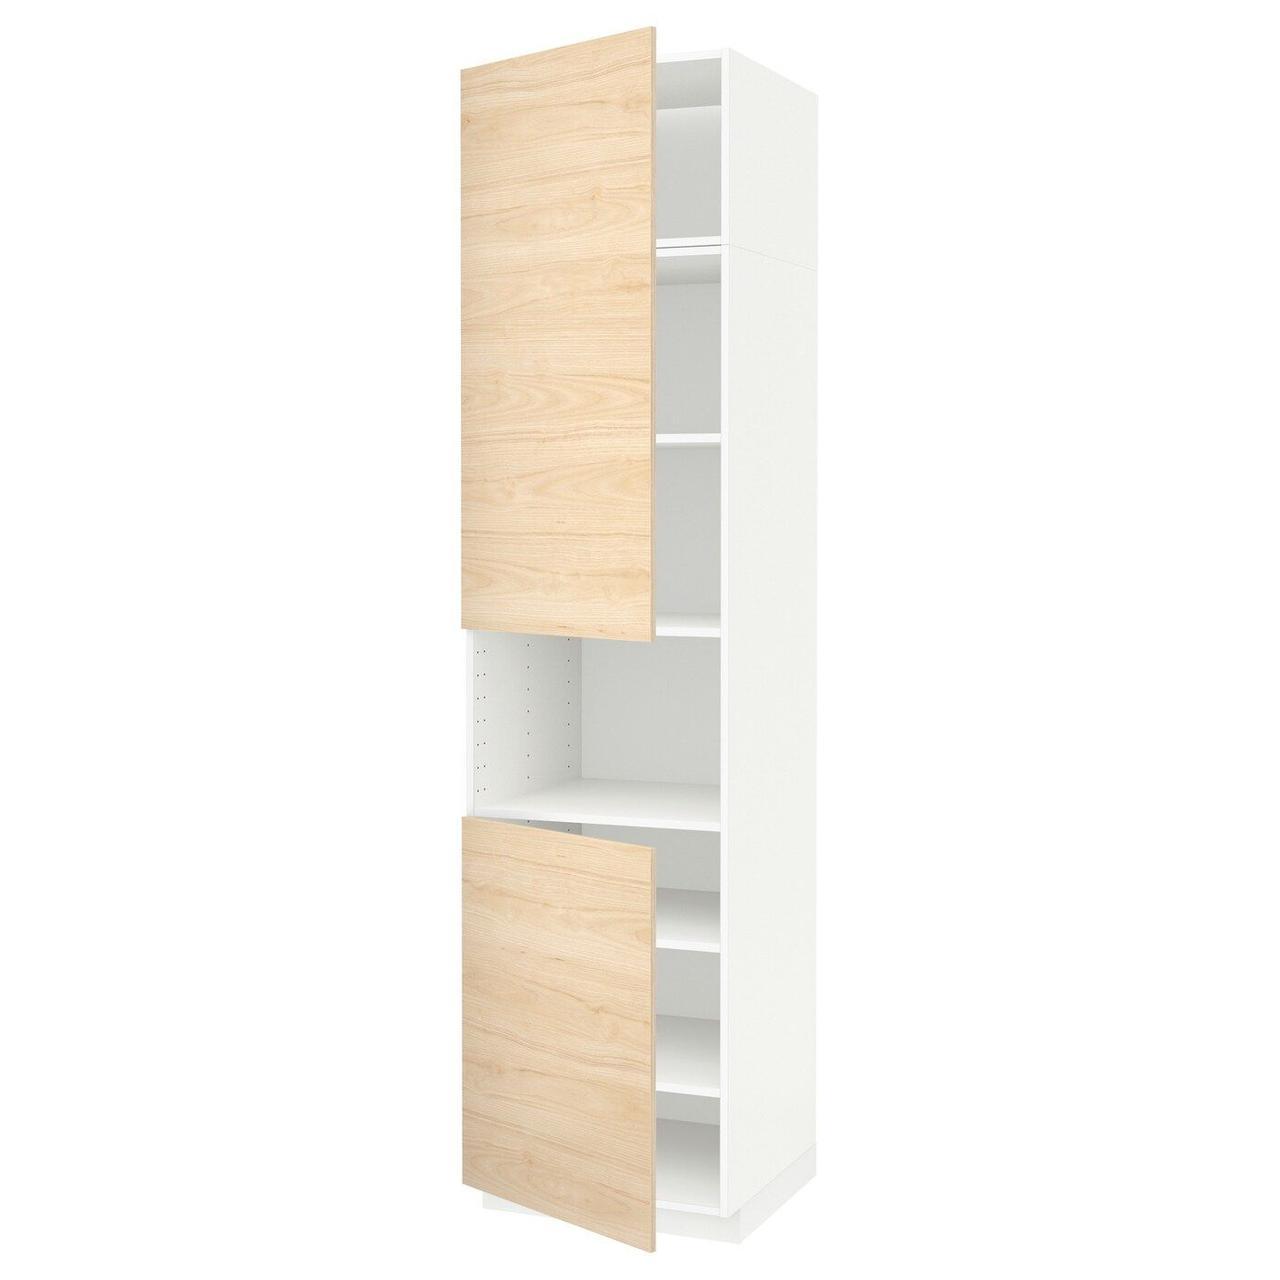 IKEA METOD (ІКЕА МЕТОДИ) 09365892